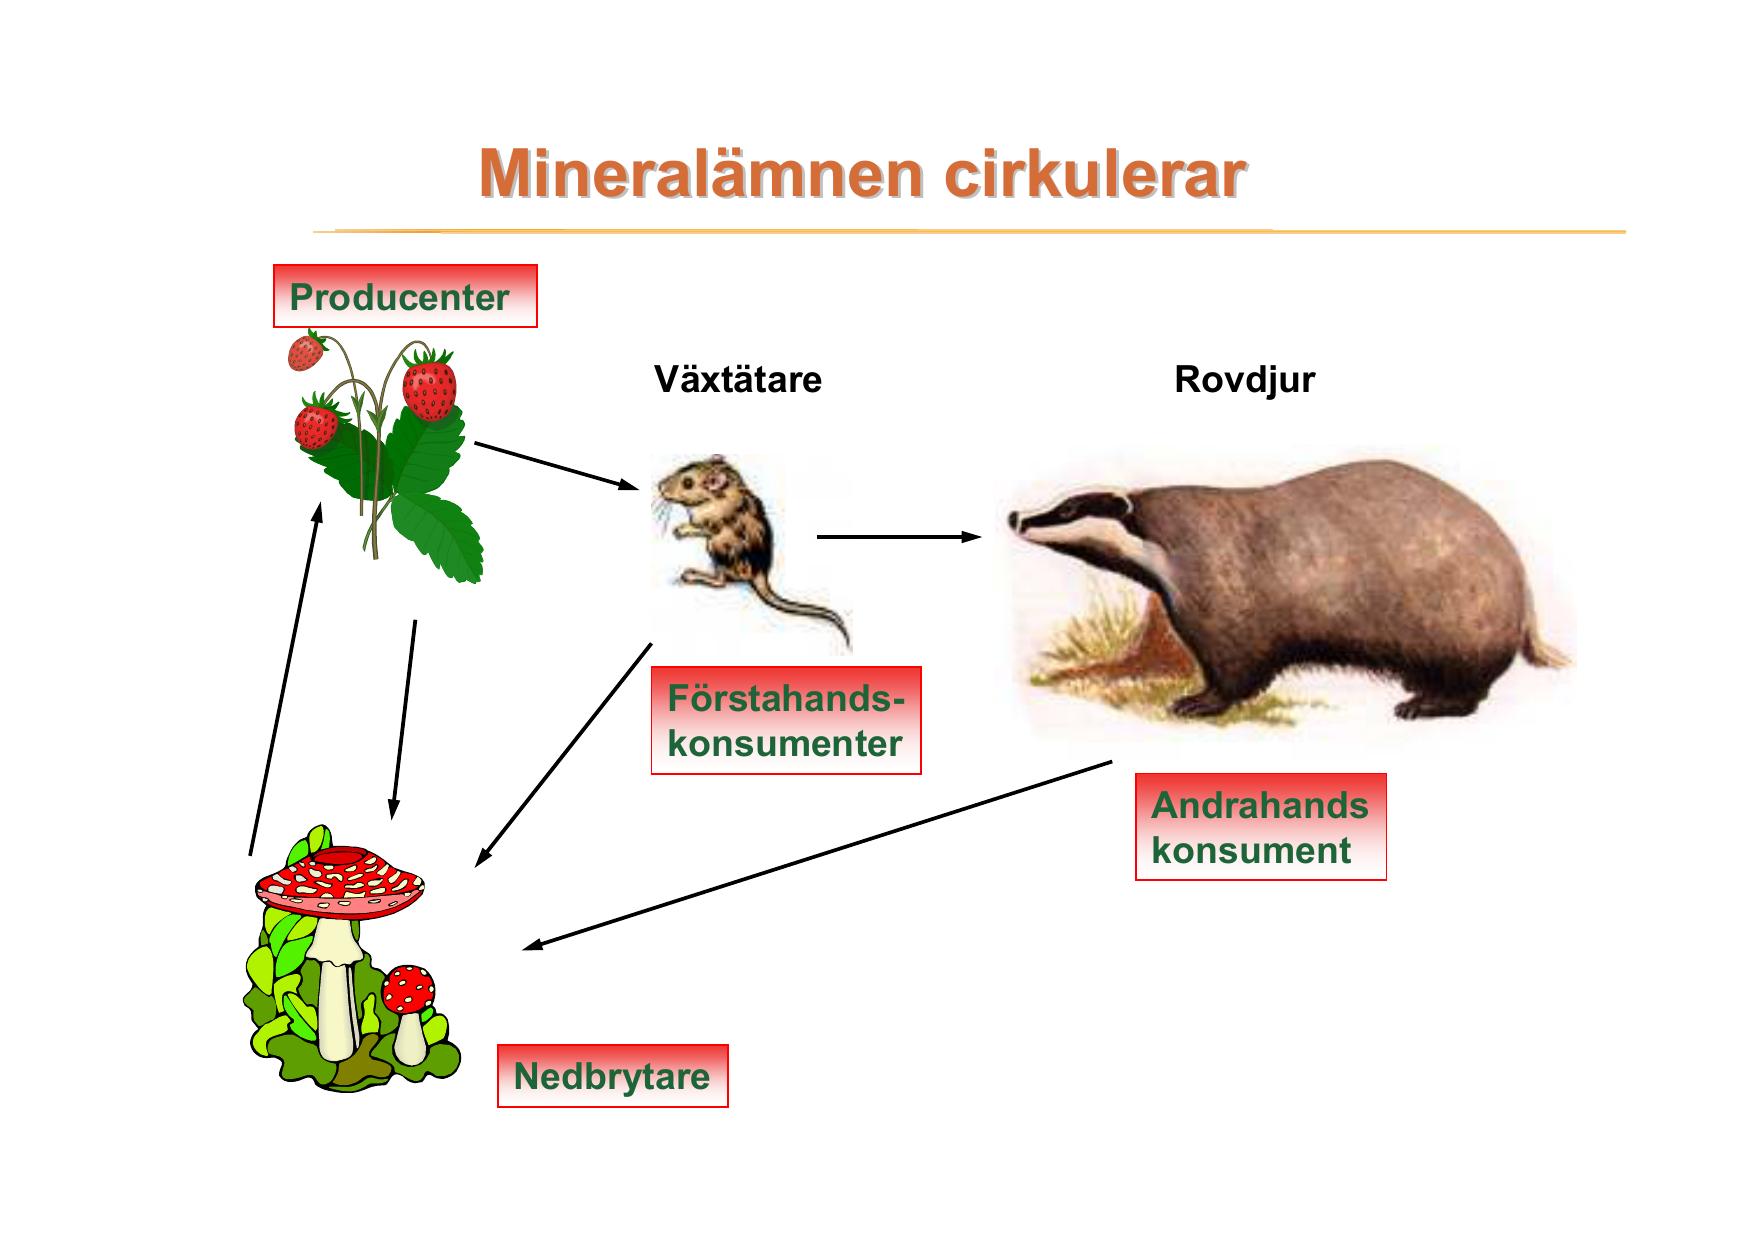 vad är ett mineralämne